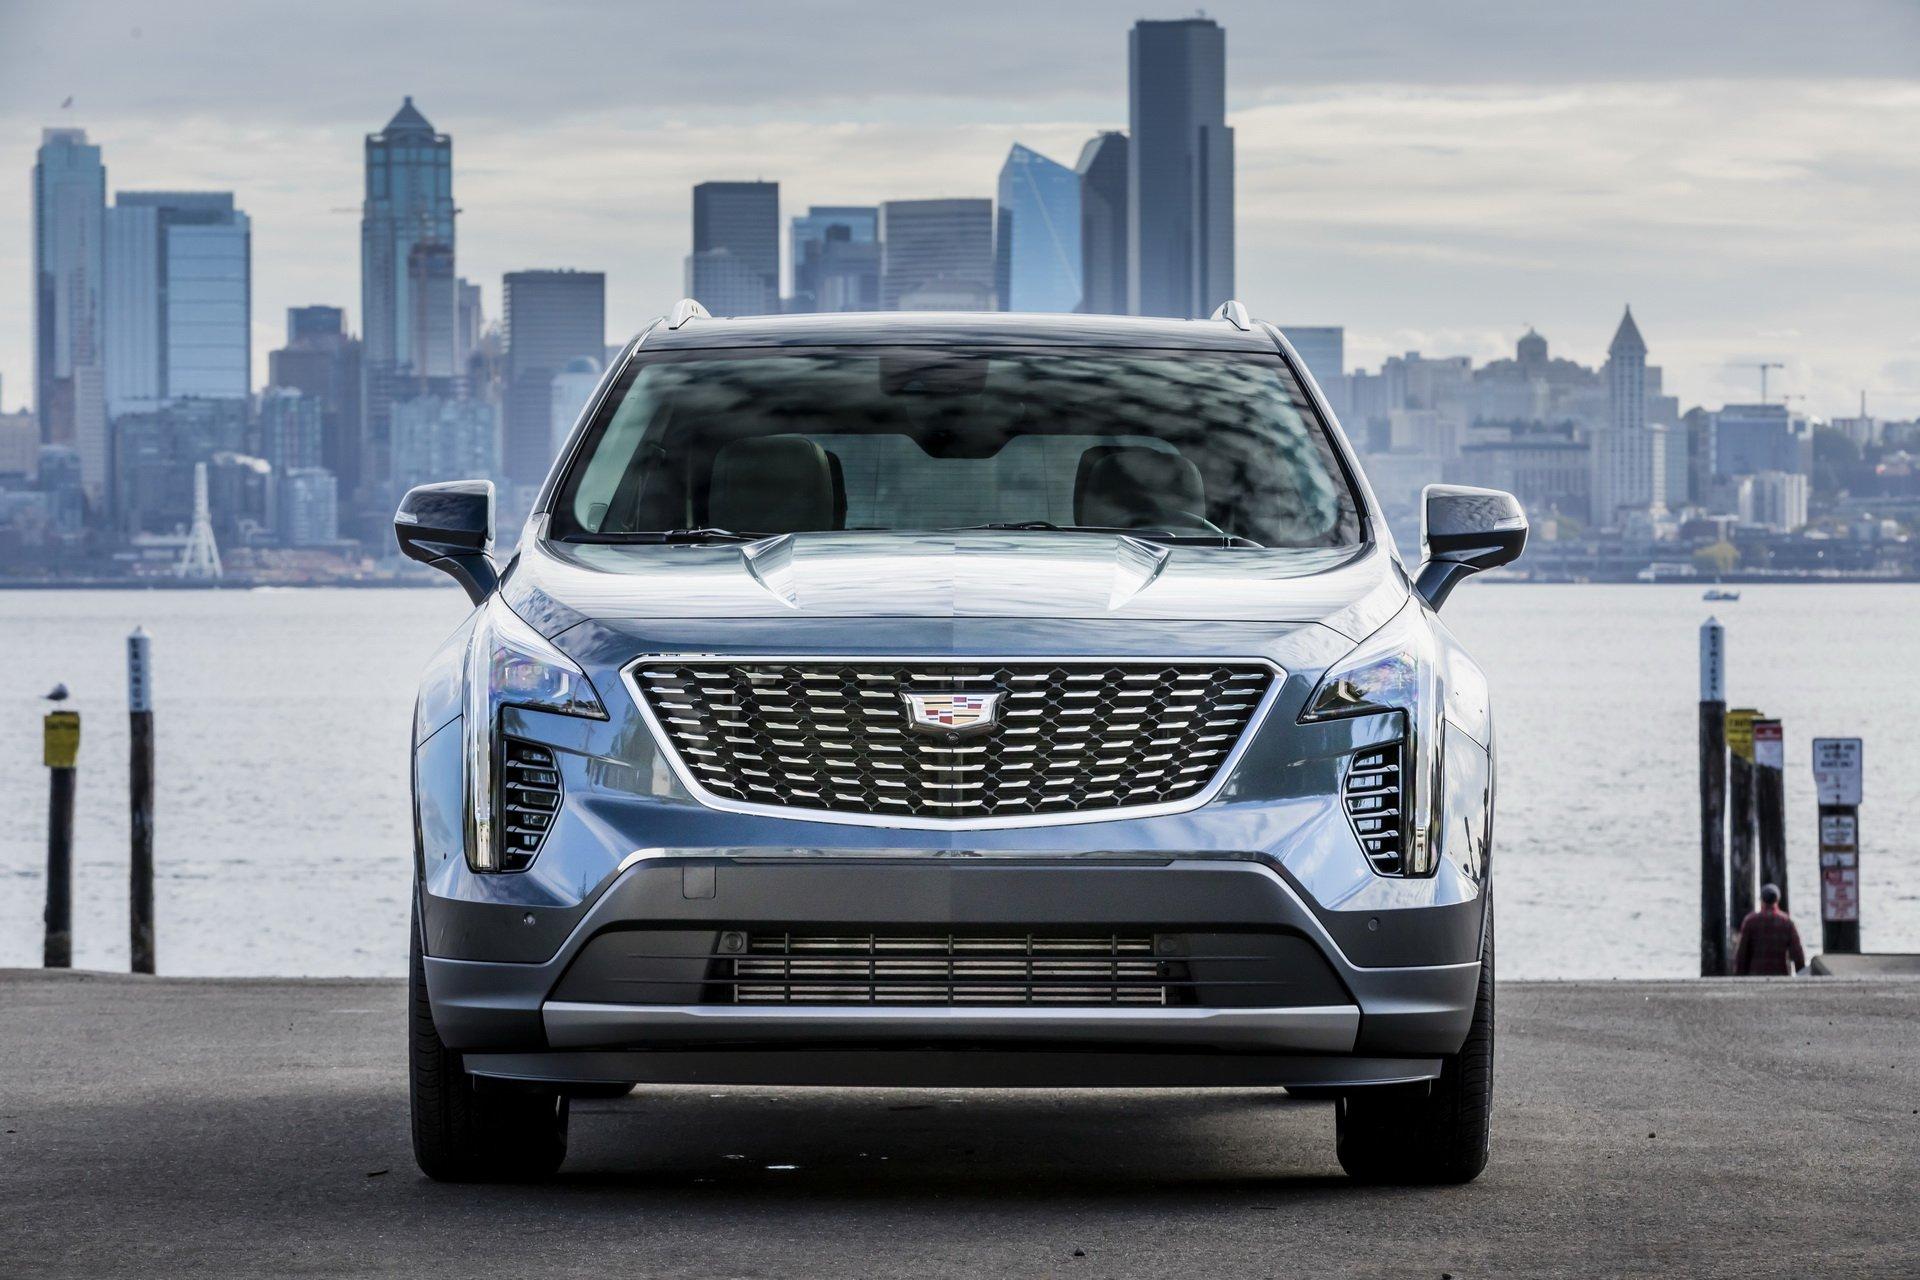 Модели Cadillac получат необычные обозначения - Mail.ru Авто